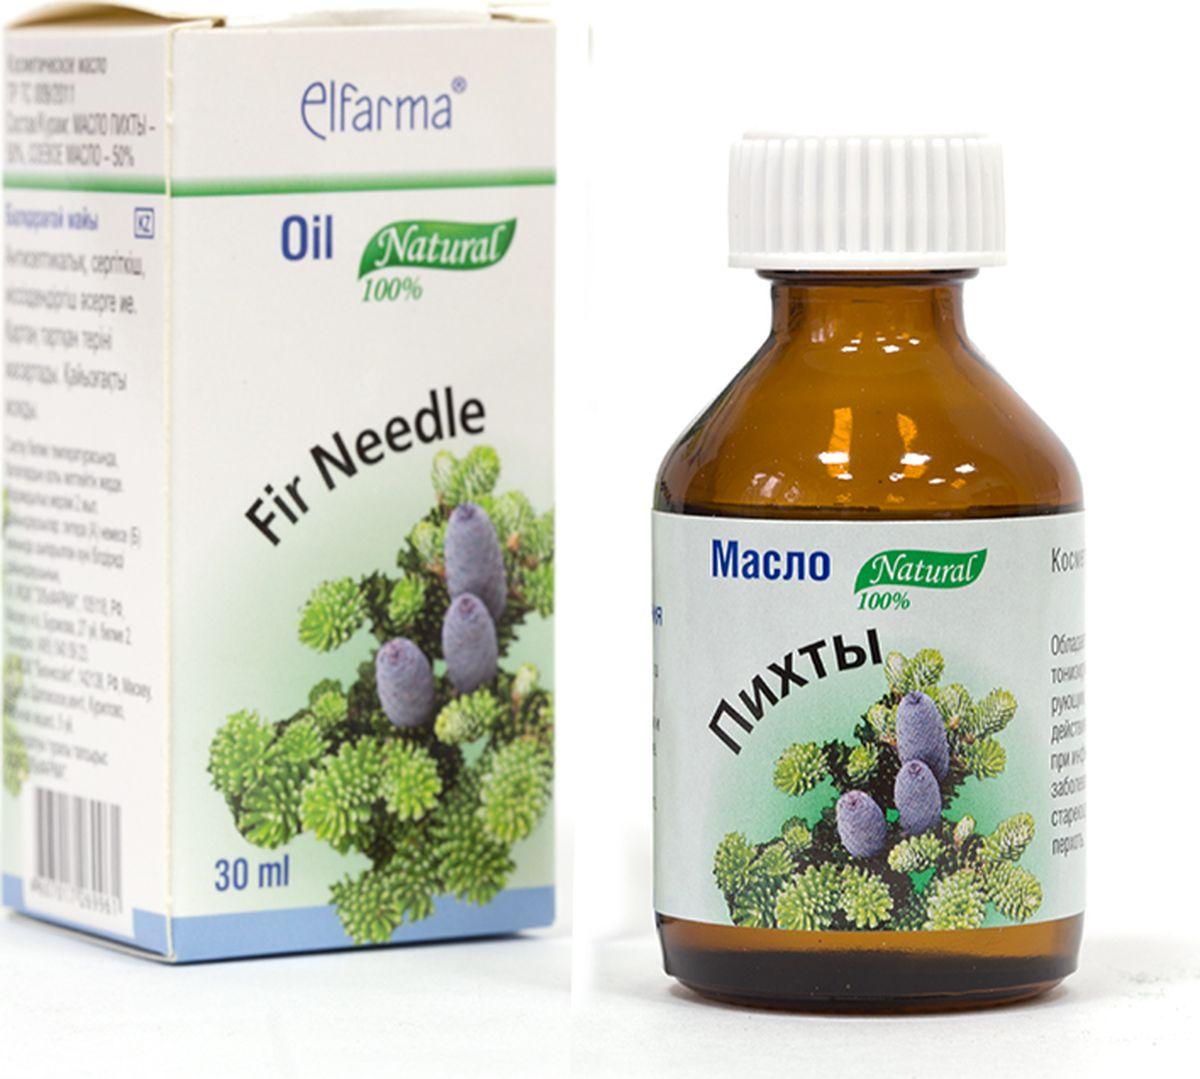 Elfarma Масло Пихта, 30 мл0209Широко применяется при заболеваниях верхних дыхательных путей. Ванны, массаж, ингаляции, ароматизация помещения.